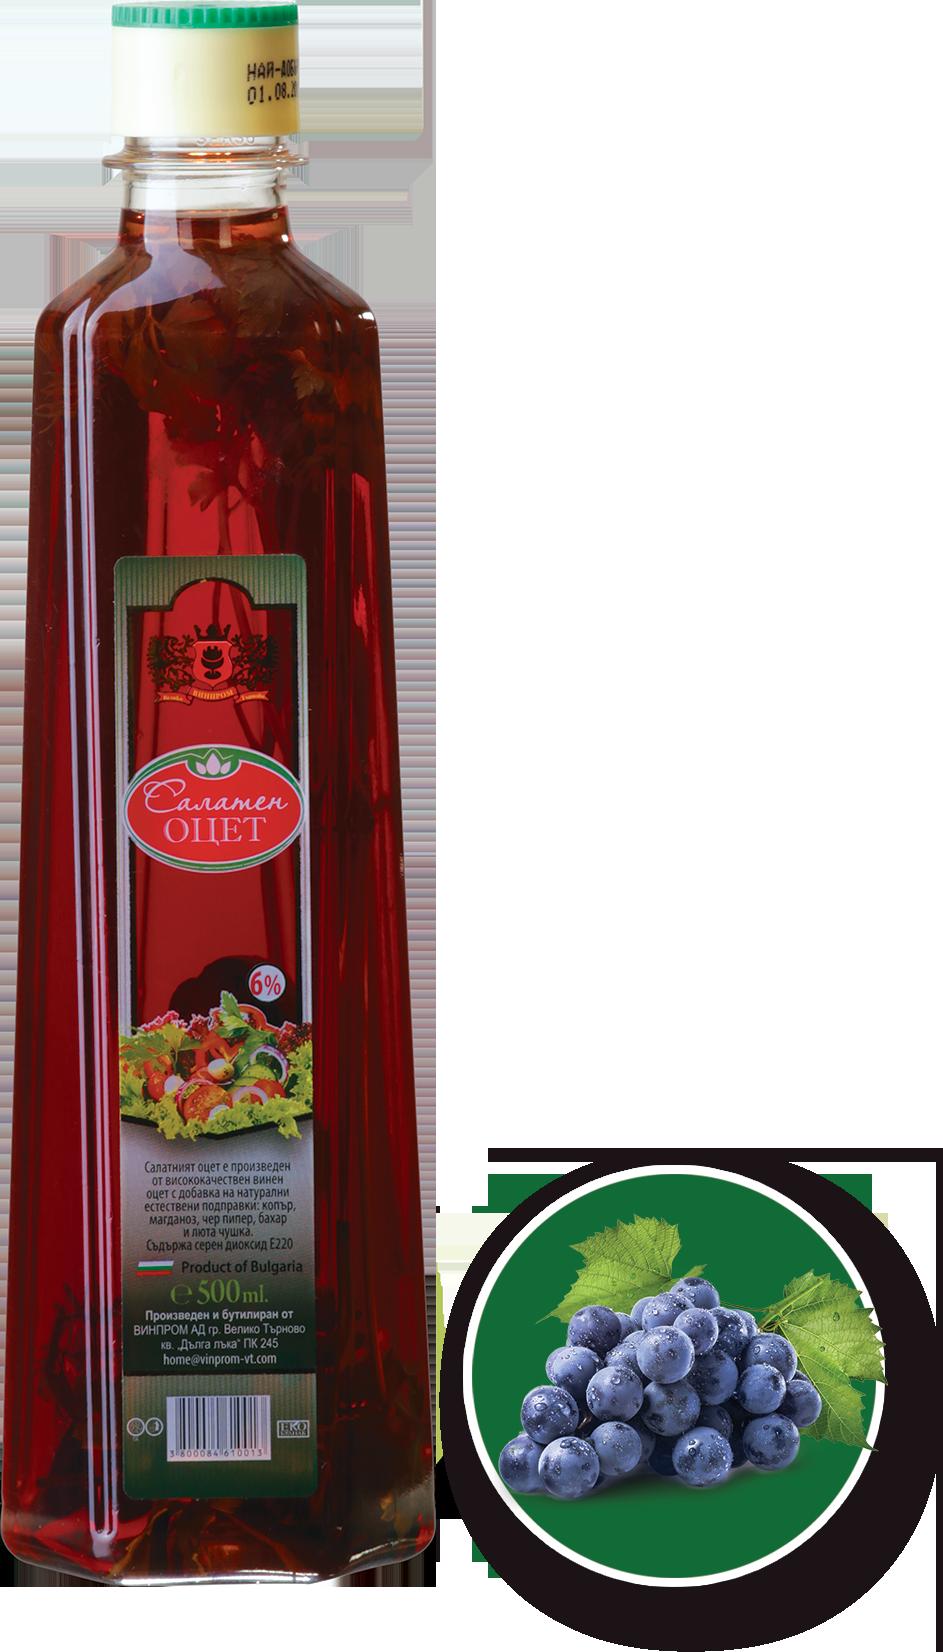 салатен оцет, салатен оцет 6%, салатен оцет от винпром ад велико търново, оцет за салата